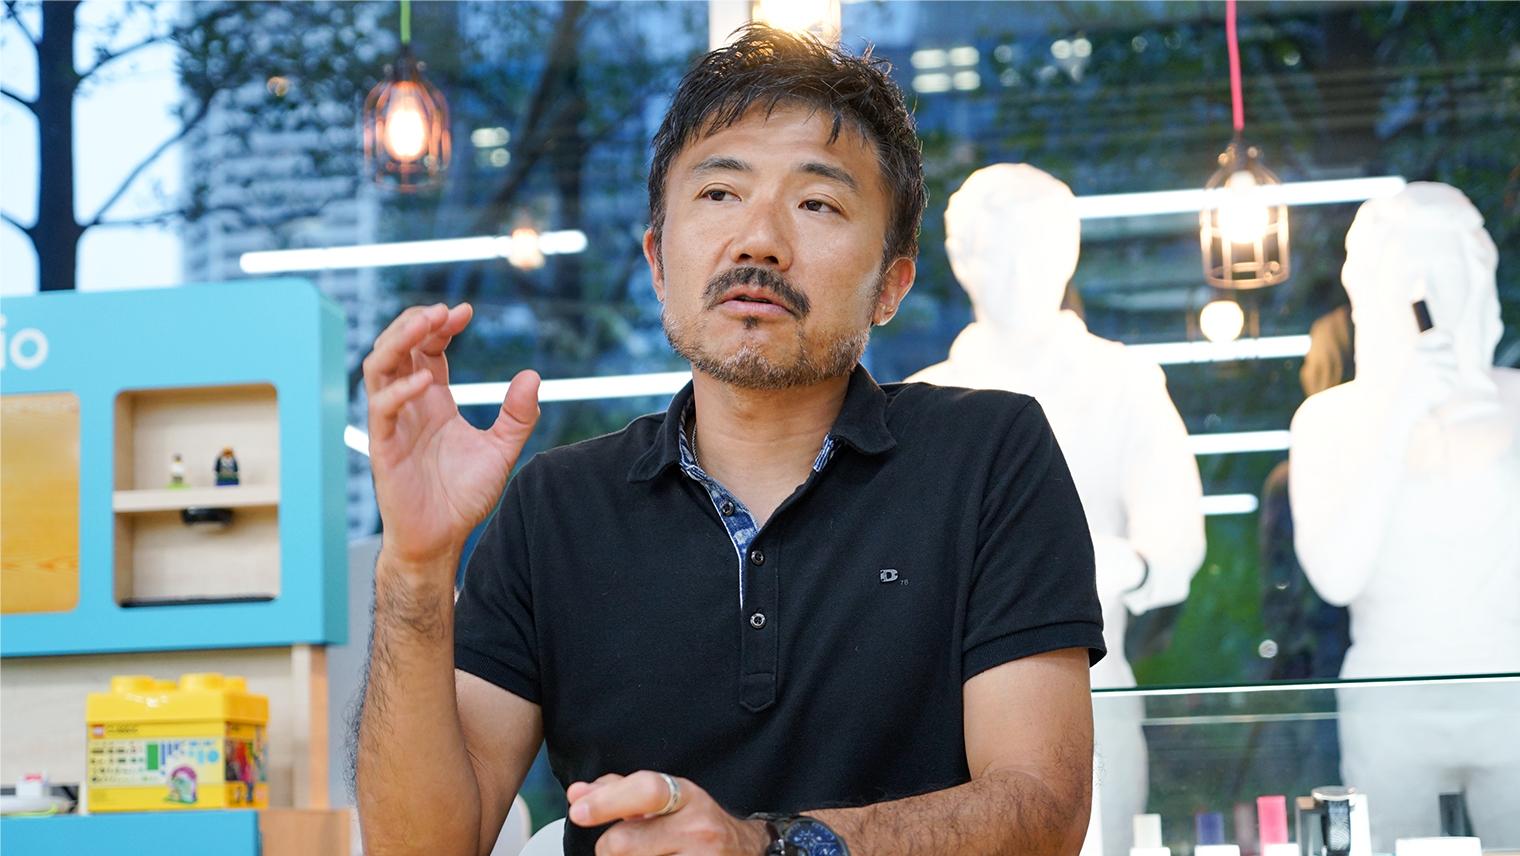 尾原昌輝 ソニー株式会社 Startup Acceleration部 NYSNO Project プロジェクトリーダー